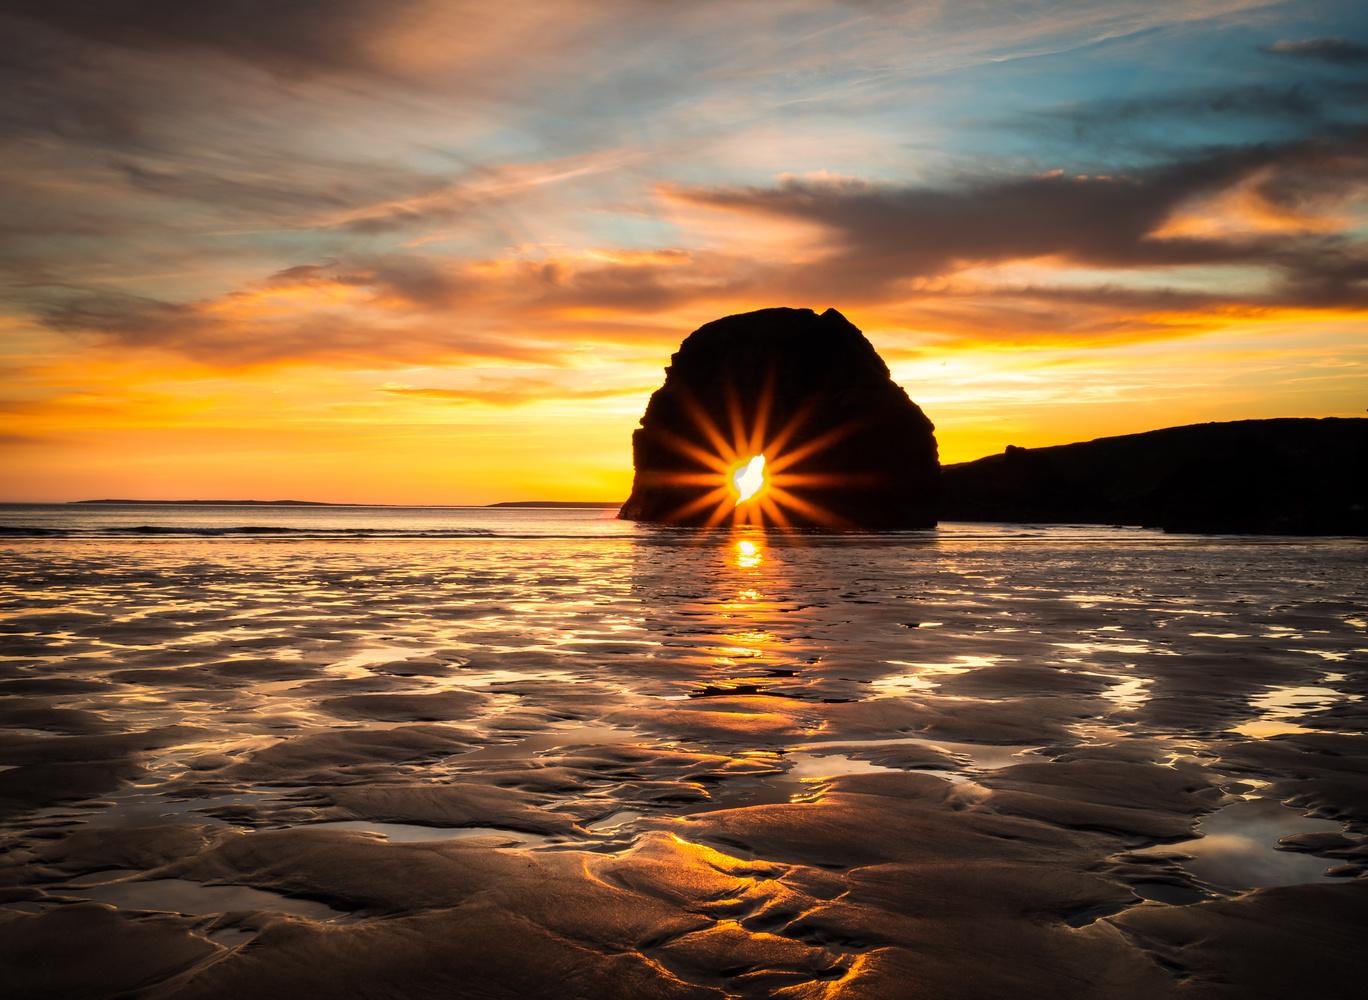 Nun's Beach Sunburst by Sean O' Riordan